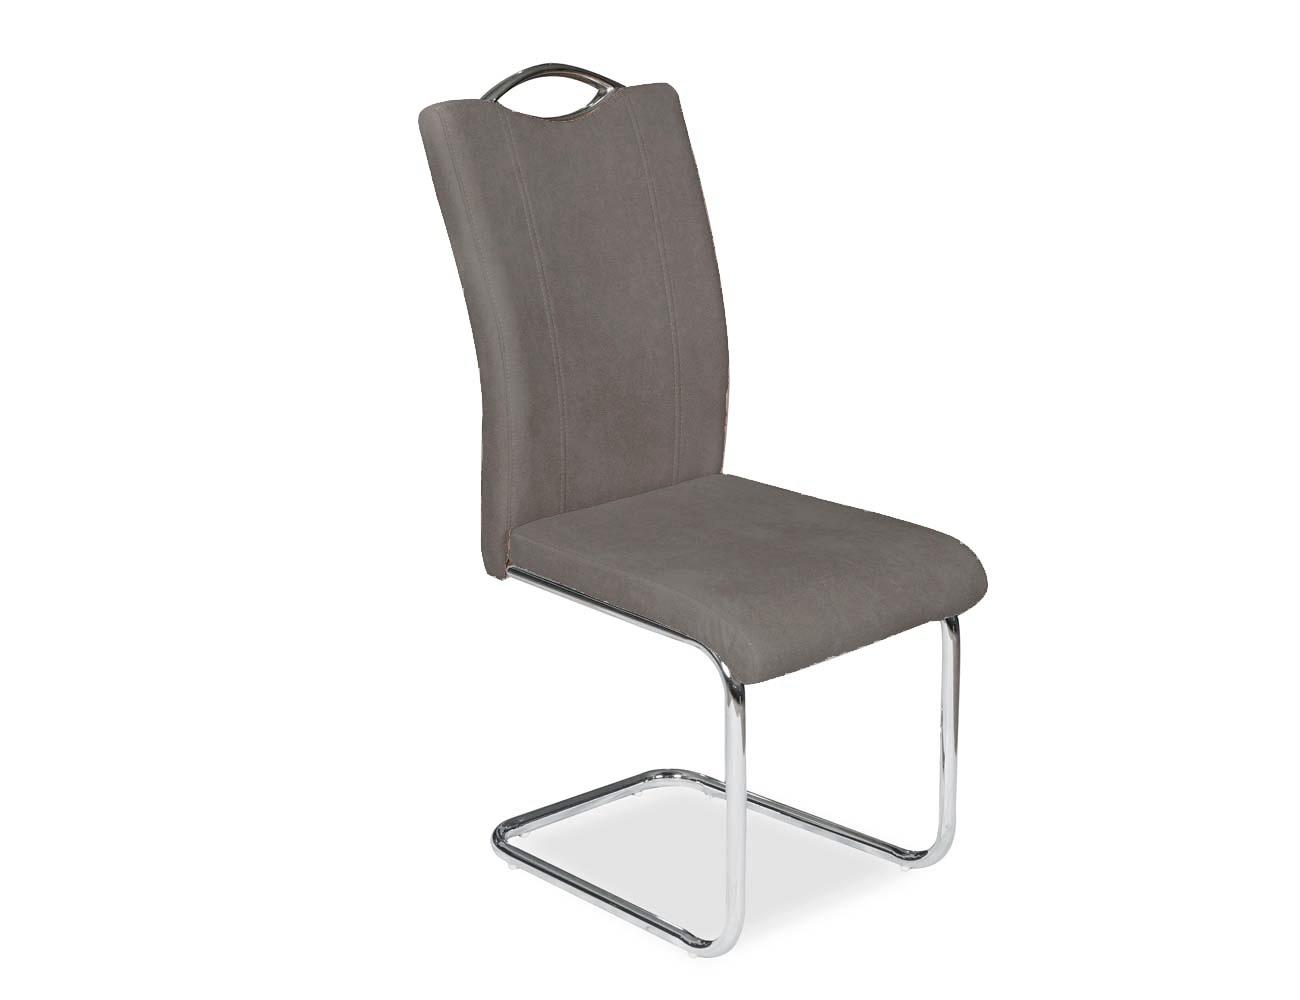 Juego de 4 sillas con respaldo y asiento tapizado en gris for Sillas cromadas